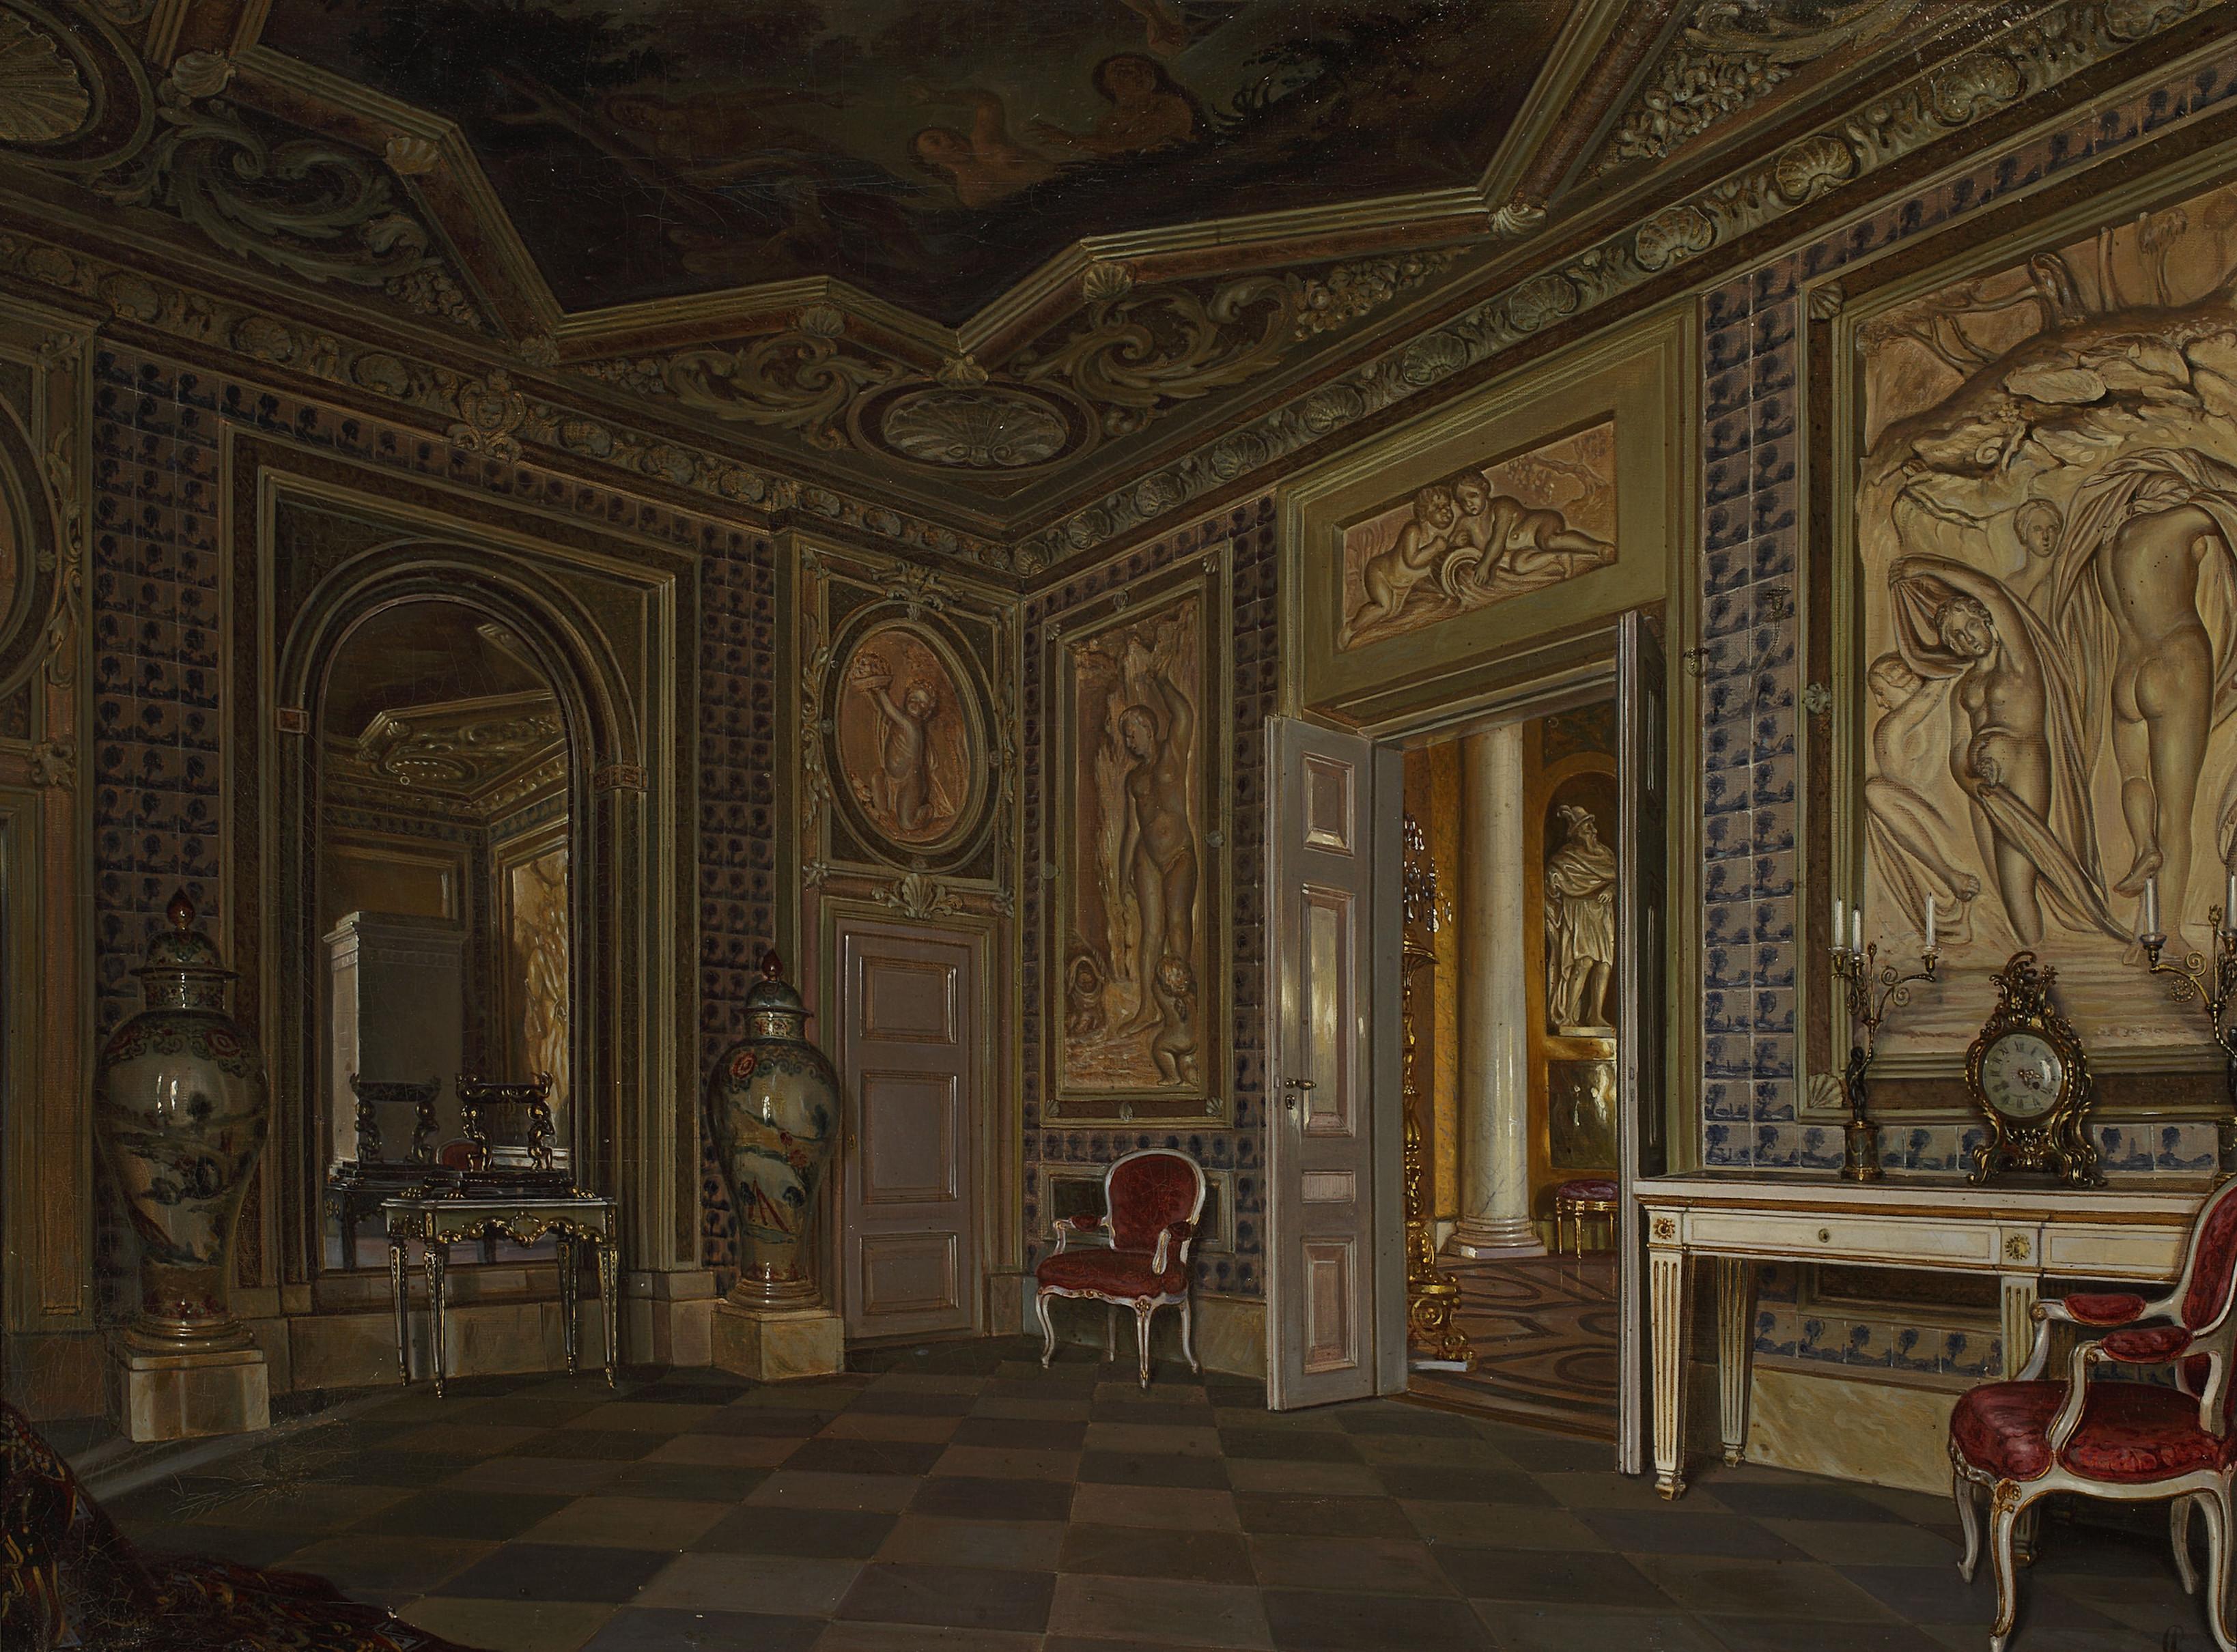 """Aleksander Gryglewski (1833-1879) """"Wnętrze Pałacu w Łazienkach"""", 1875 rok, źródło: Muzeum Narodowe w Warszawie"""